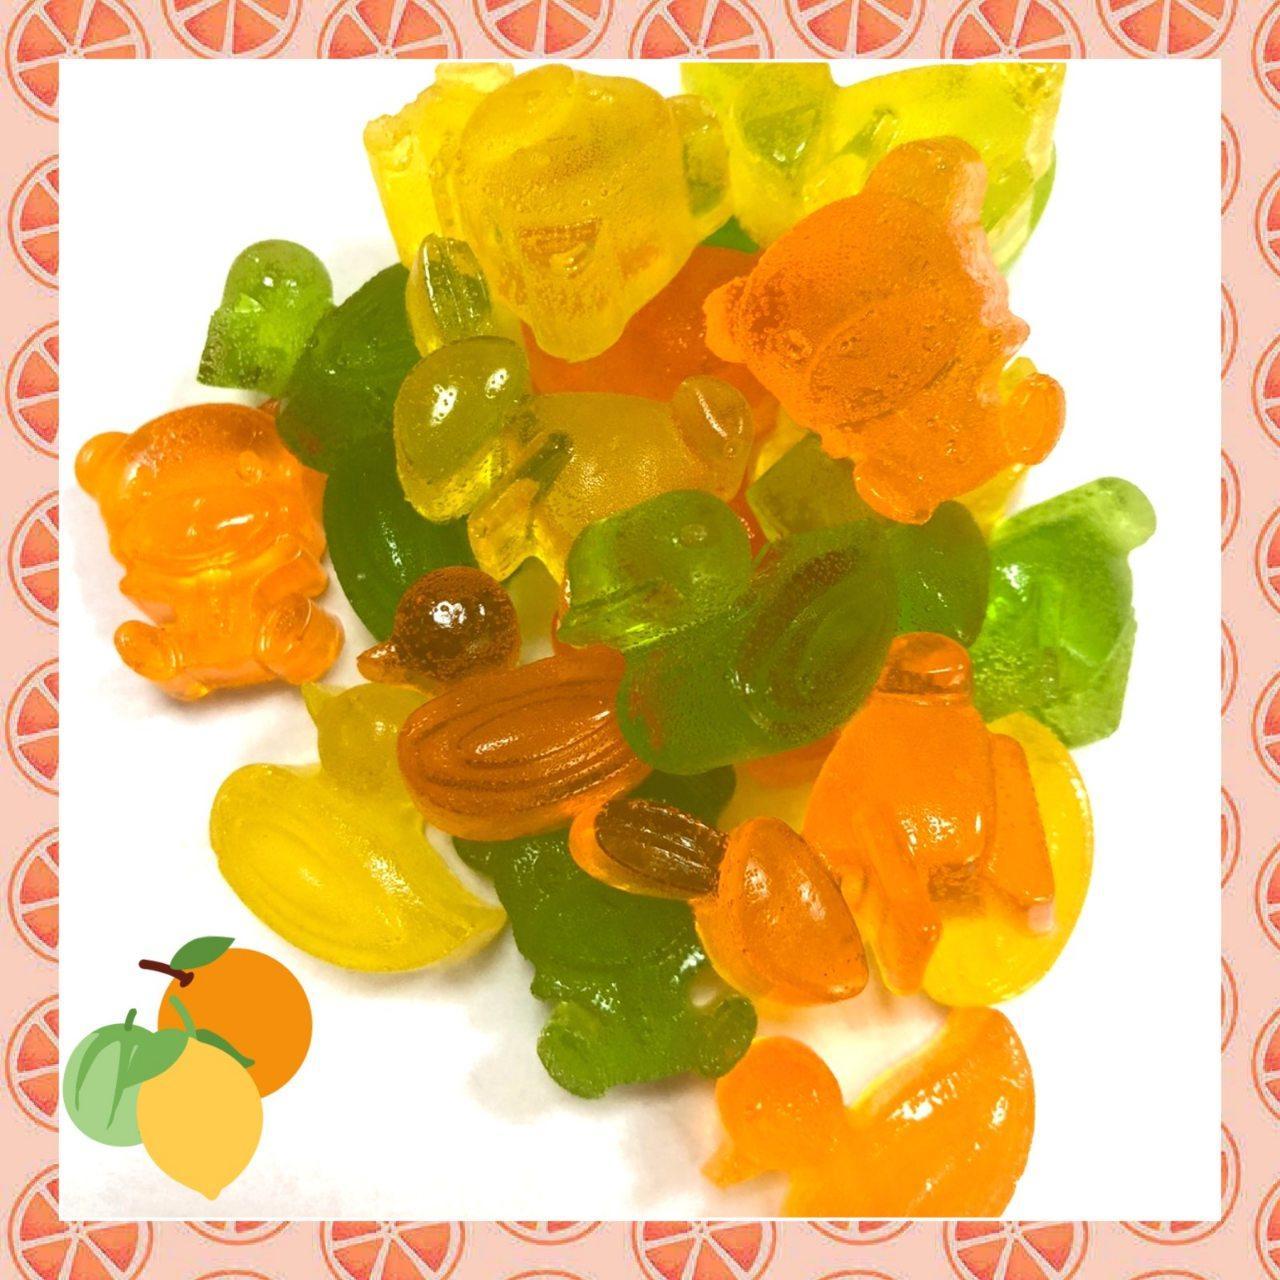 Жевательный мармелад Фигурки цитрусовые ( мандарин, апельсин, лимон-лайм) 1кг